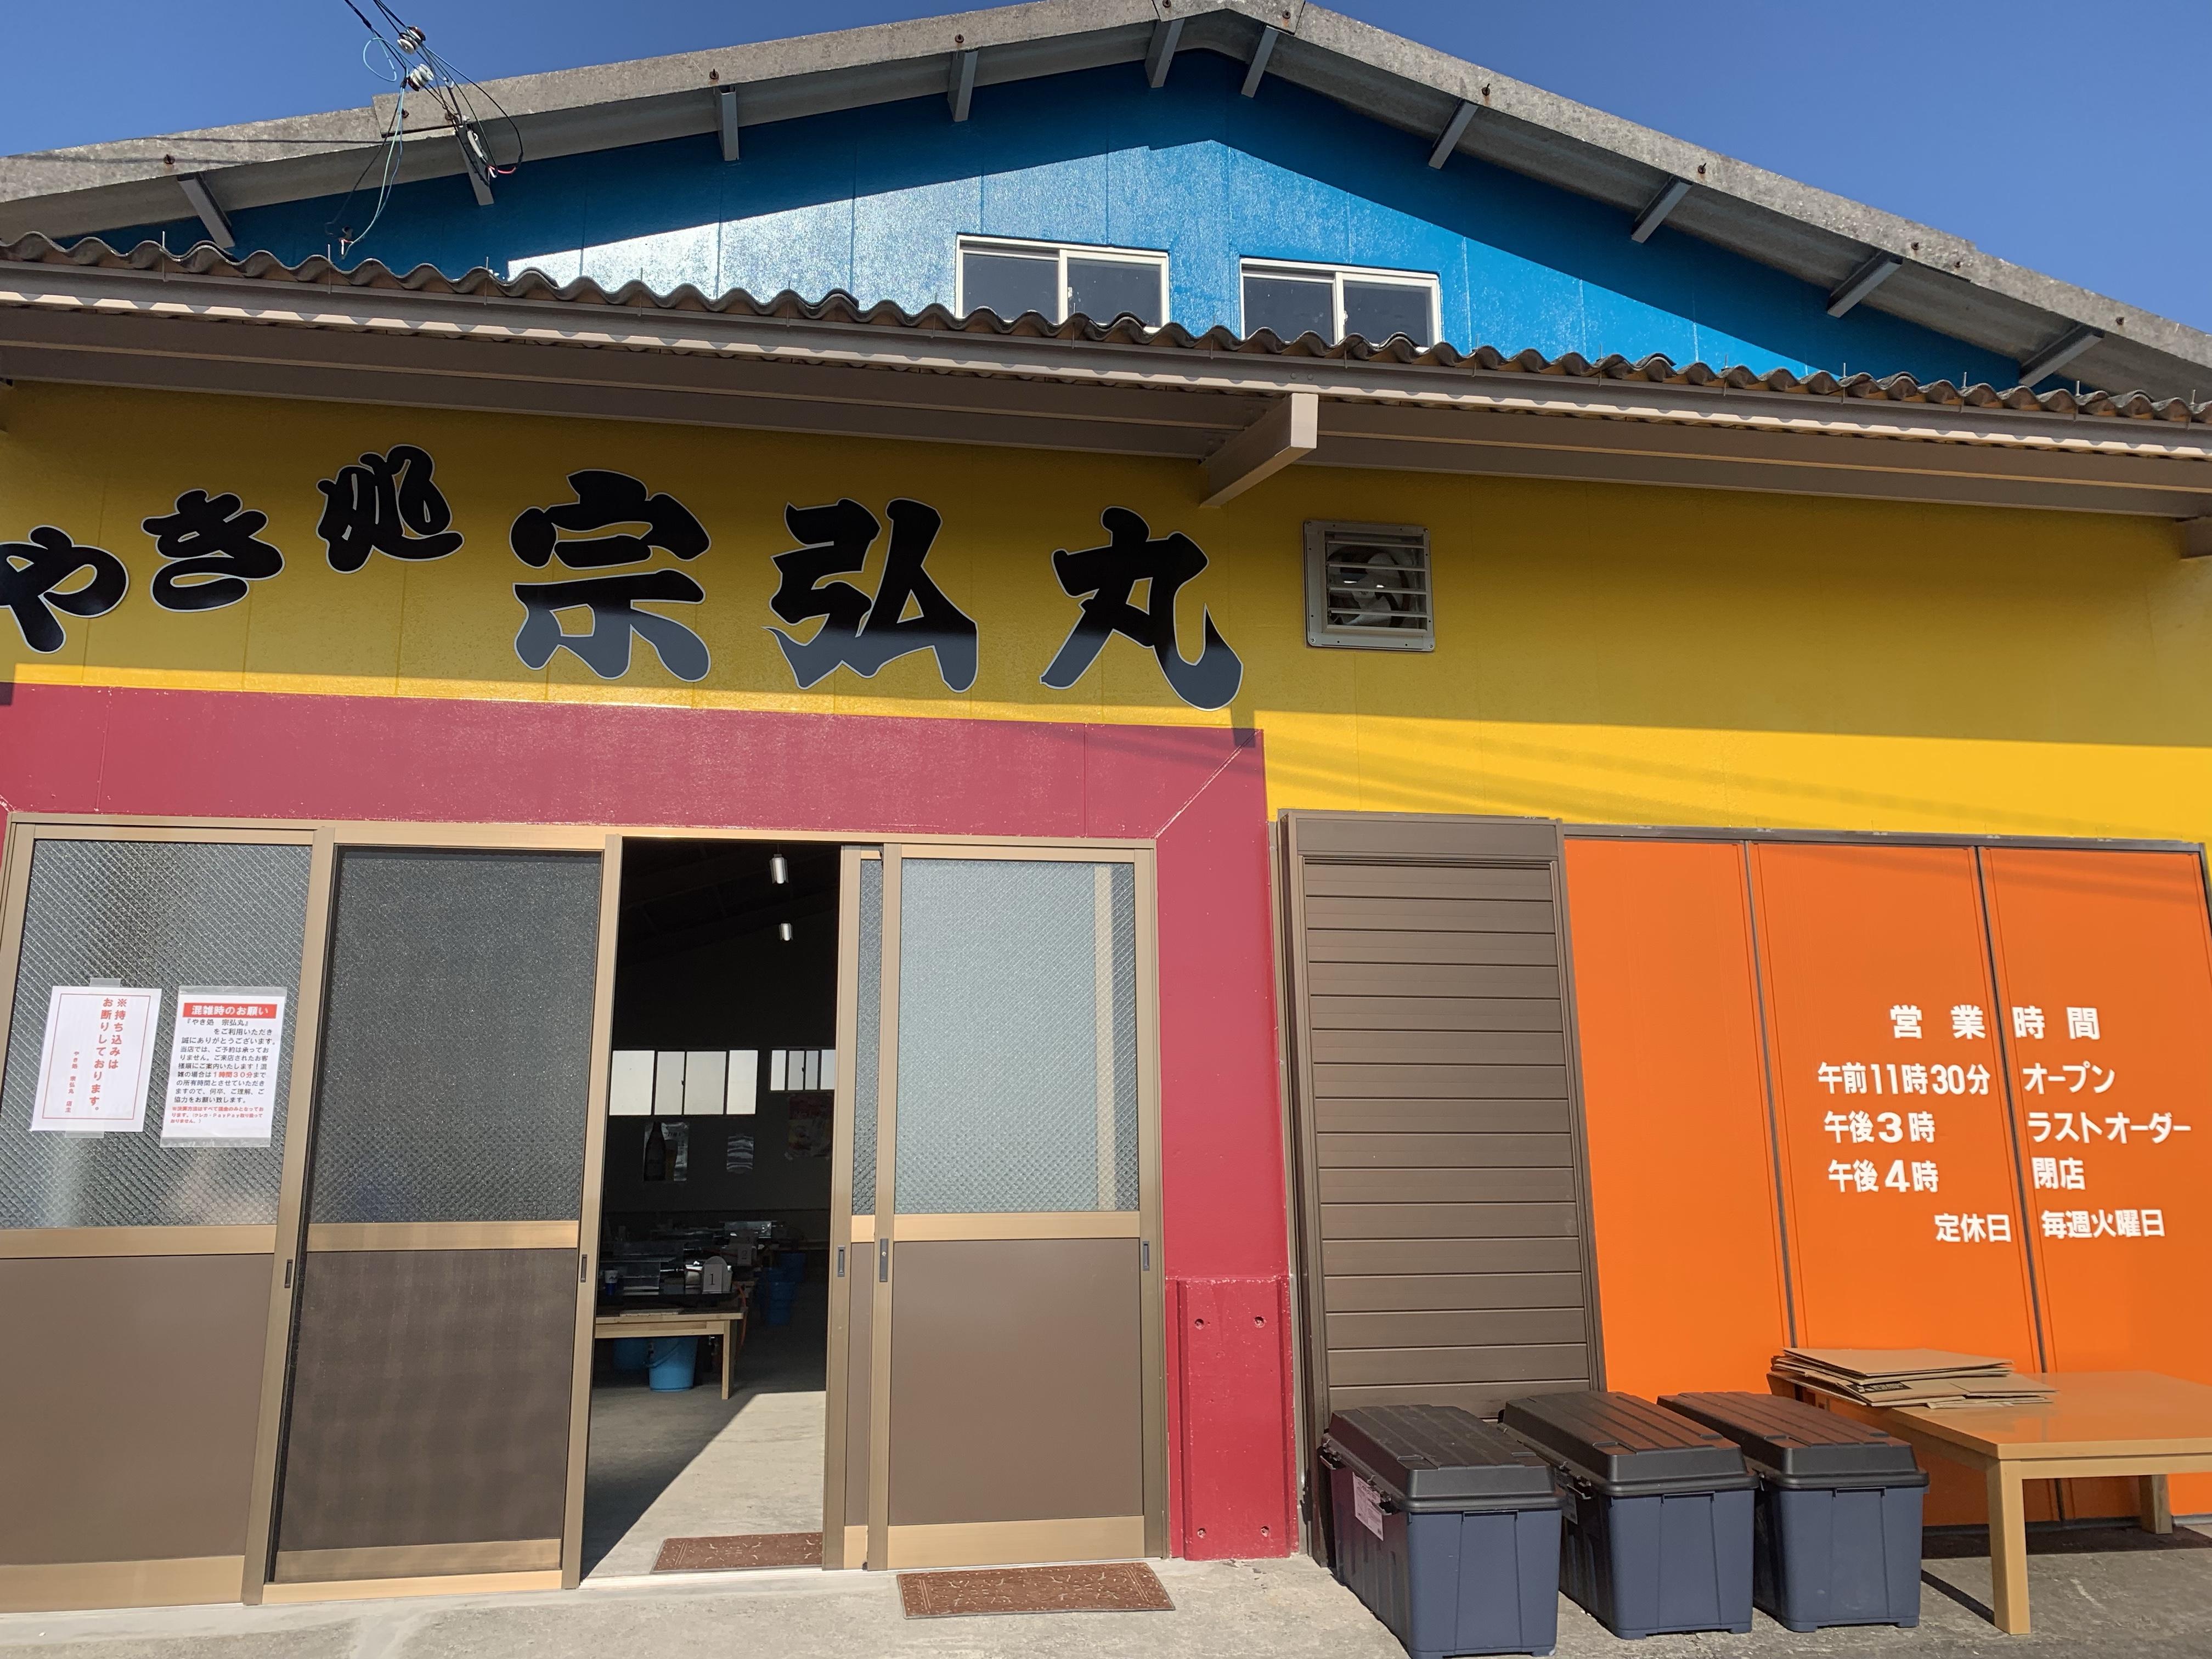 福岡で能体験